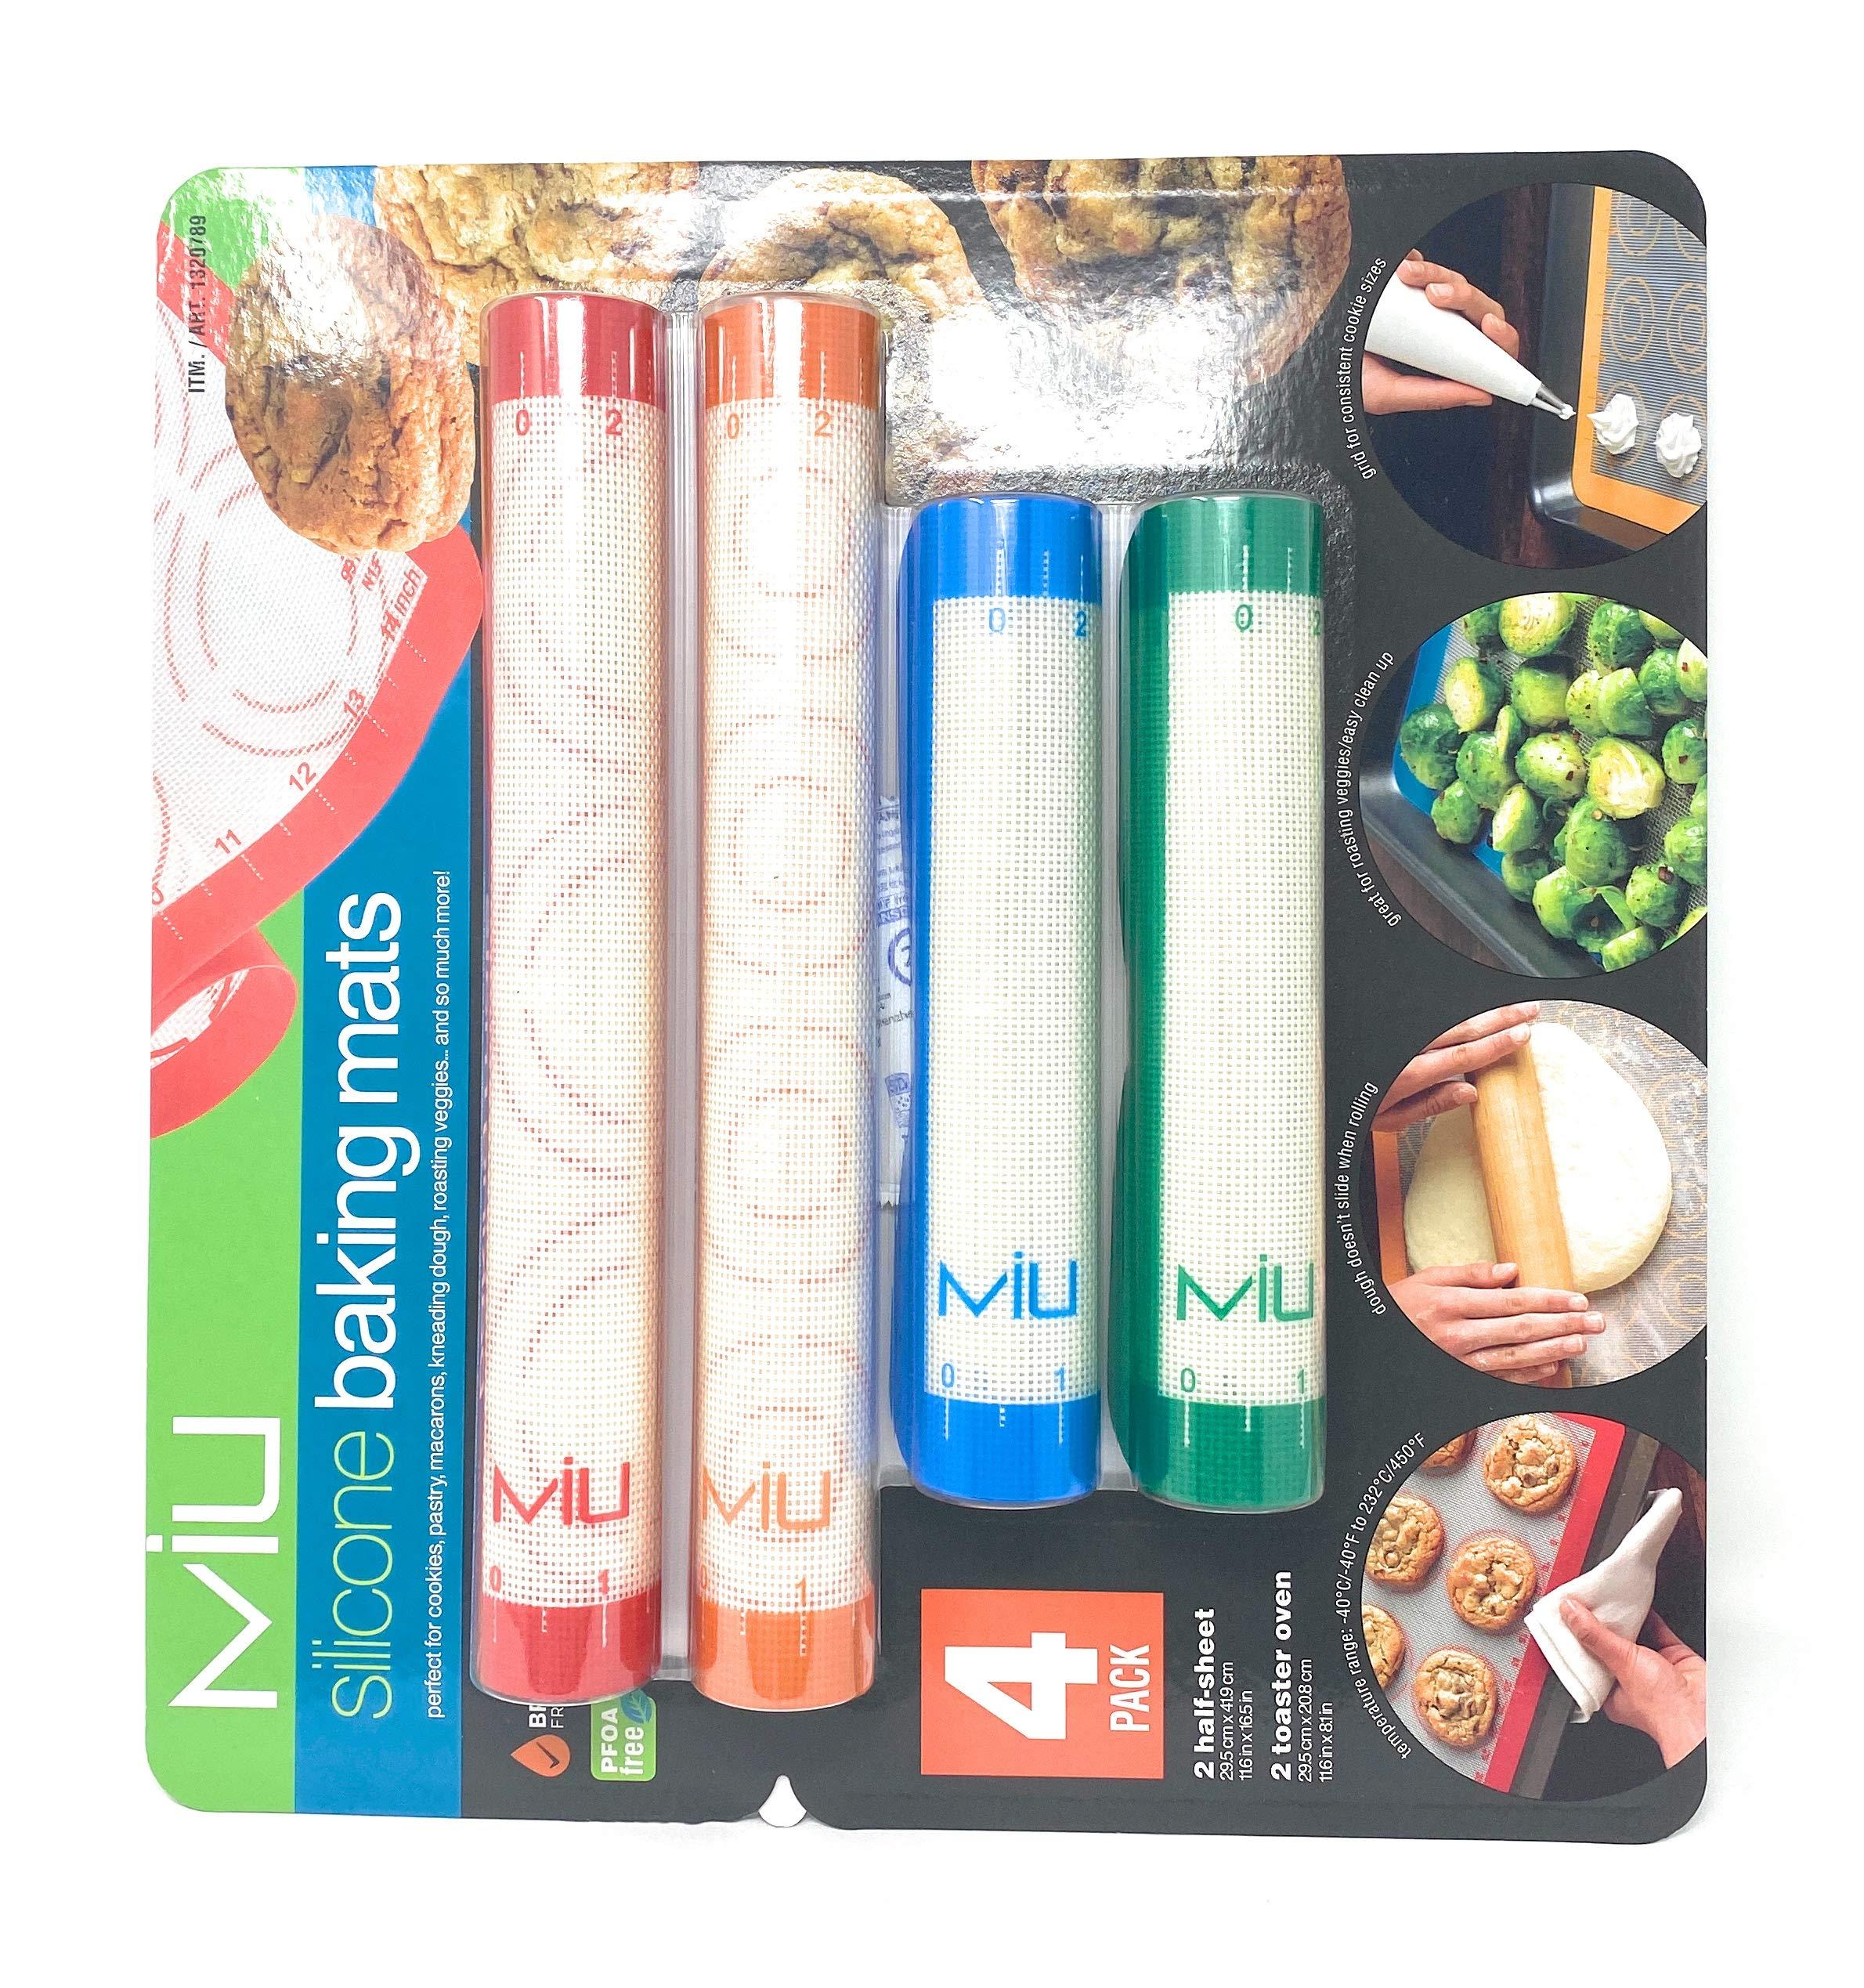 MIU Silicone Roasting Vegetables Cookies